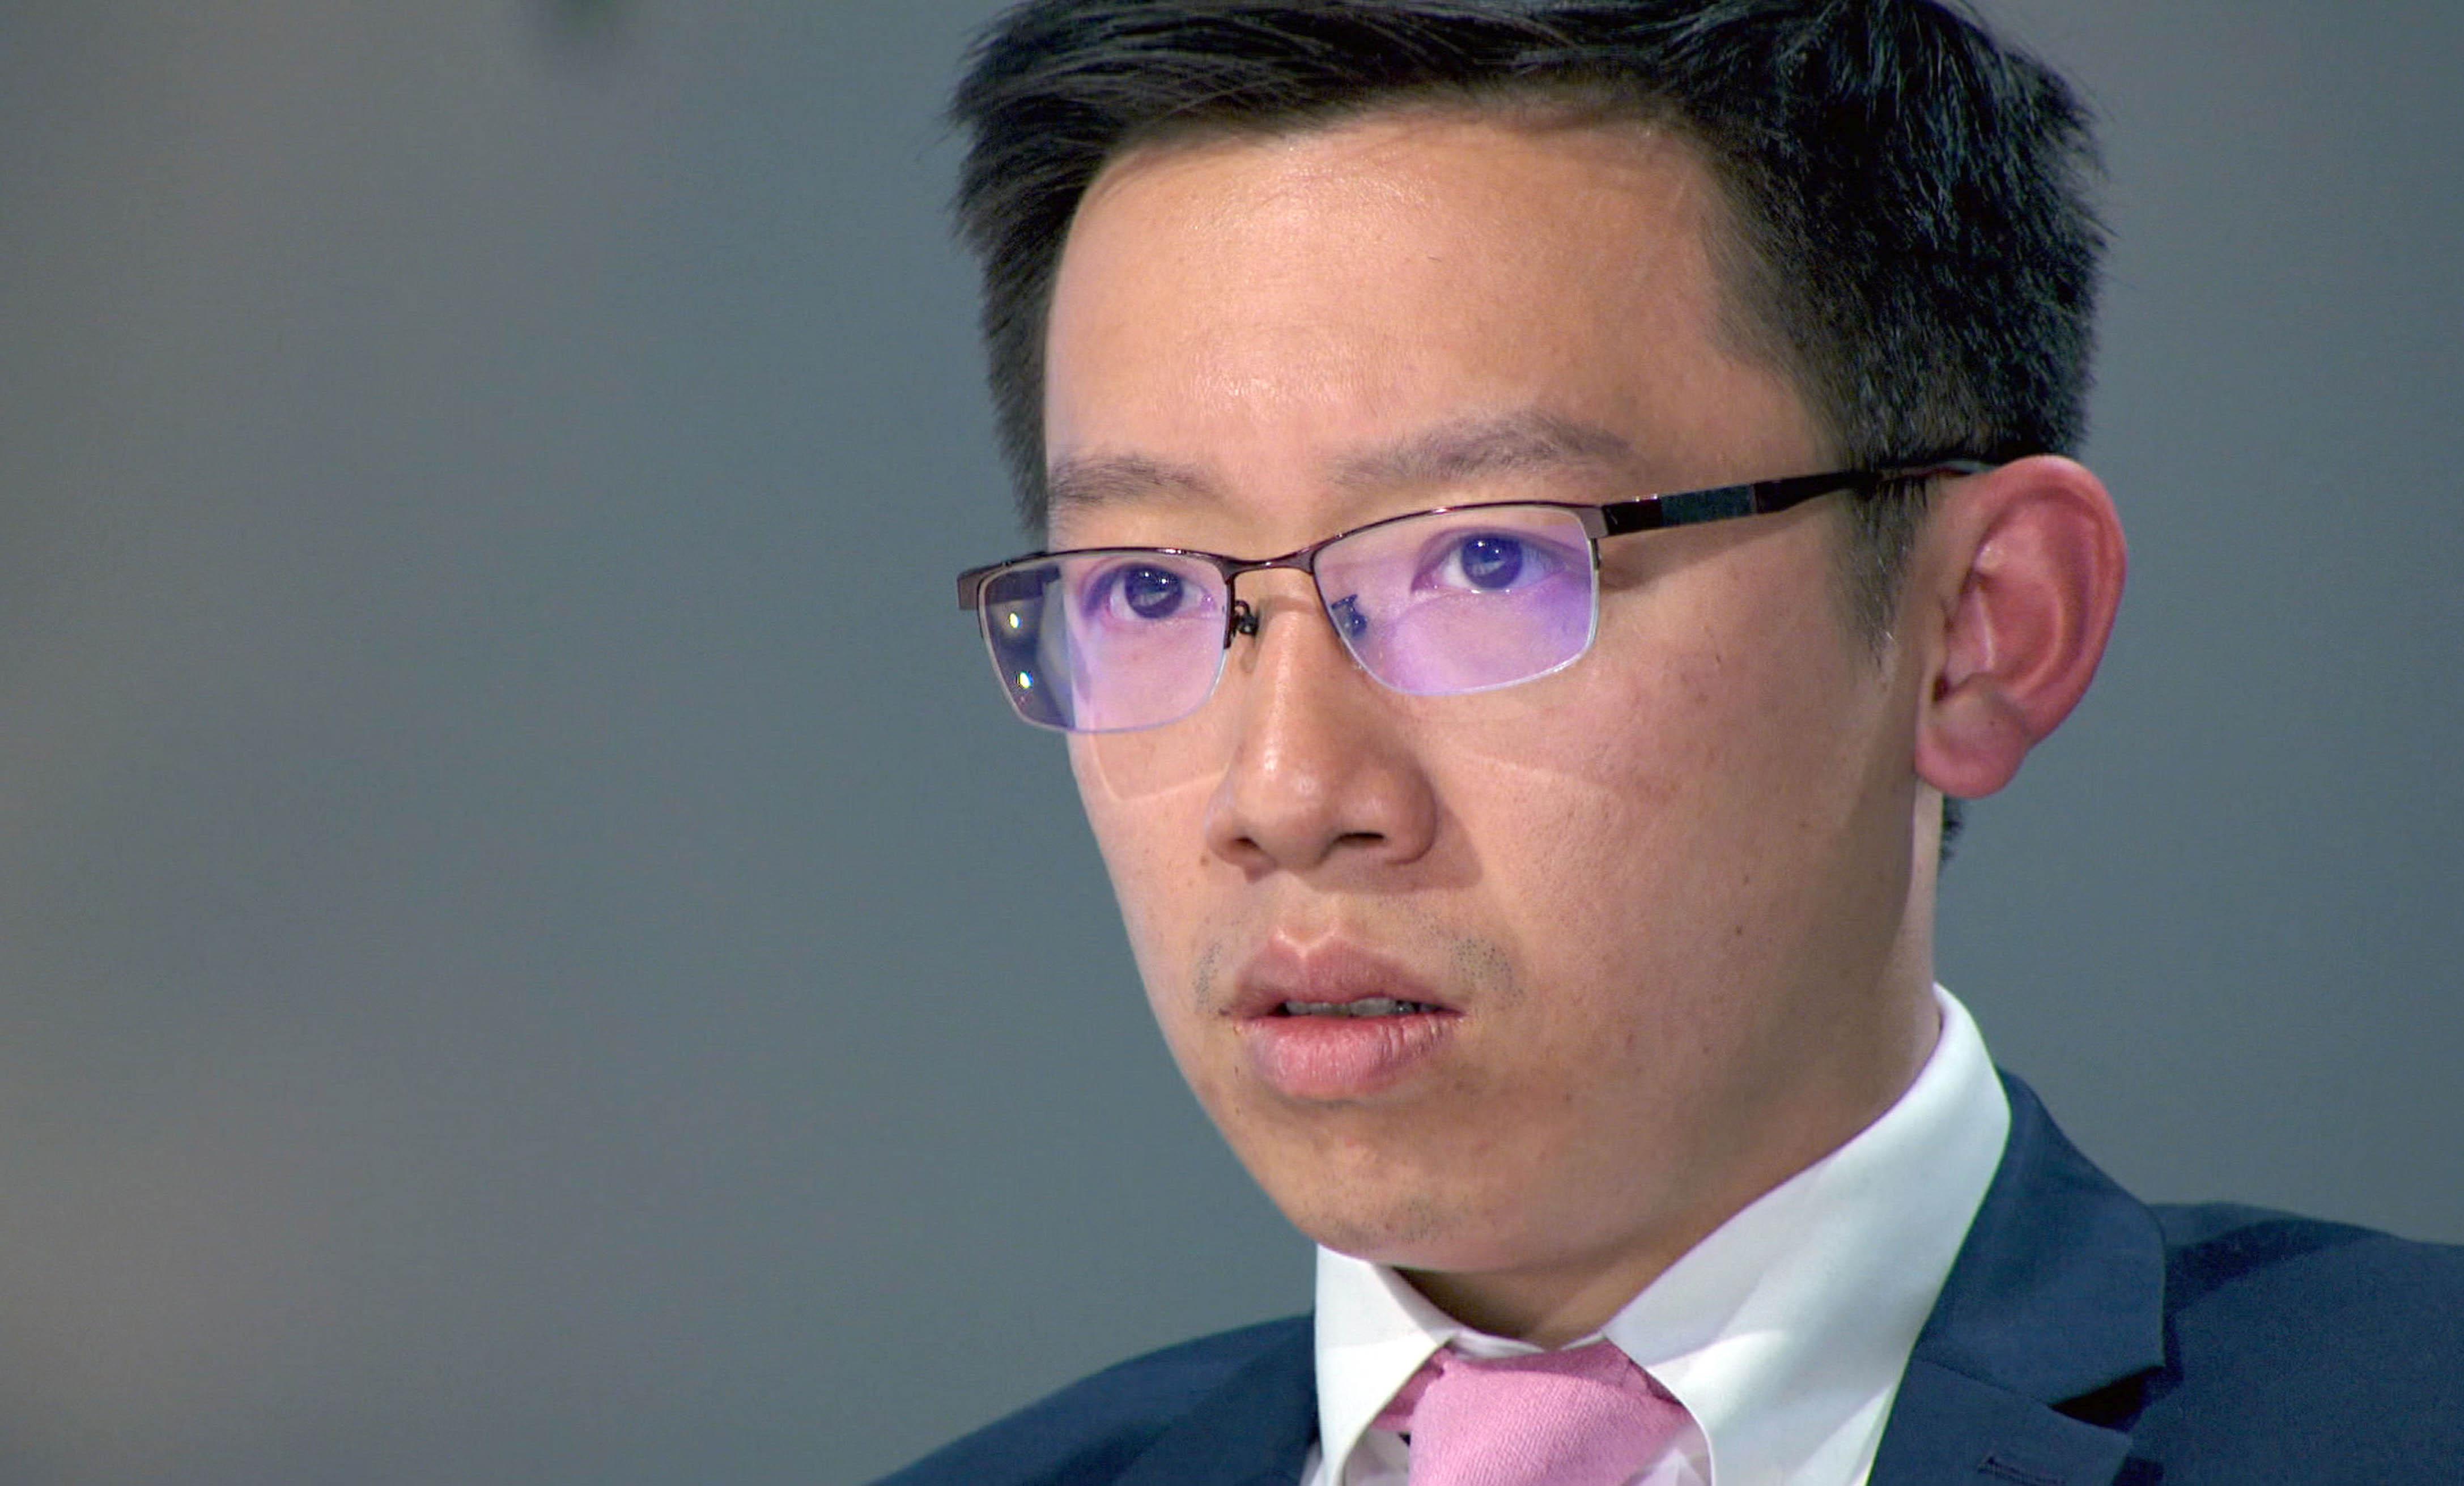 Jeff Wan on The Apprentice Week 2